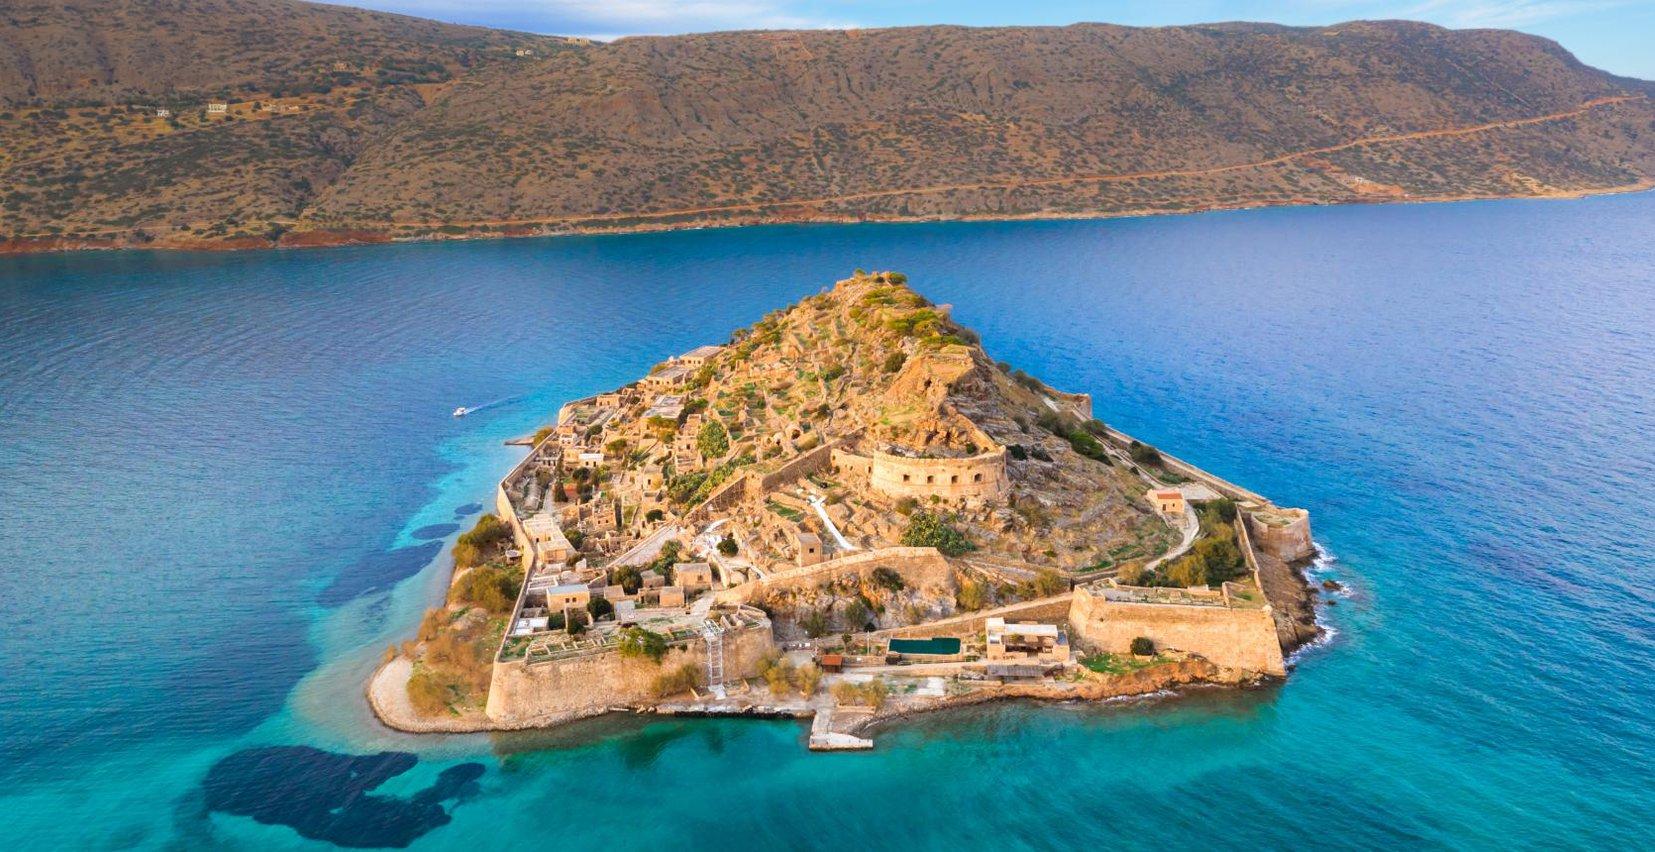 Η όμορφη θέα από ψηλά του νησιού της Σπιναλόγκας